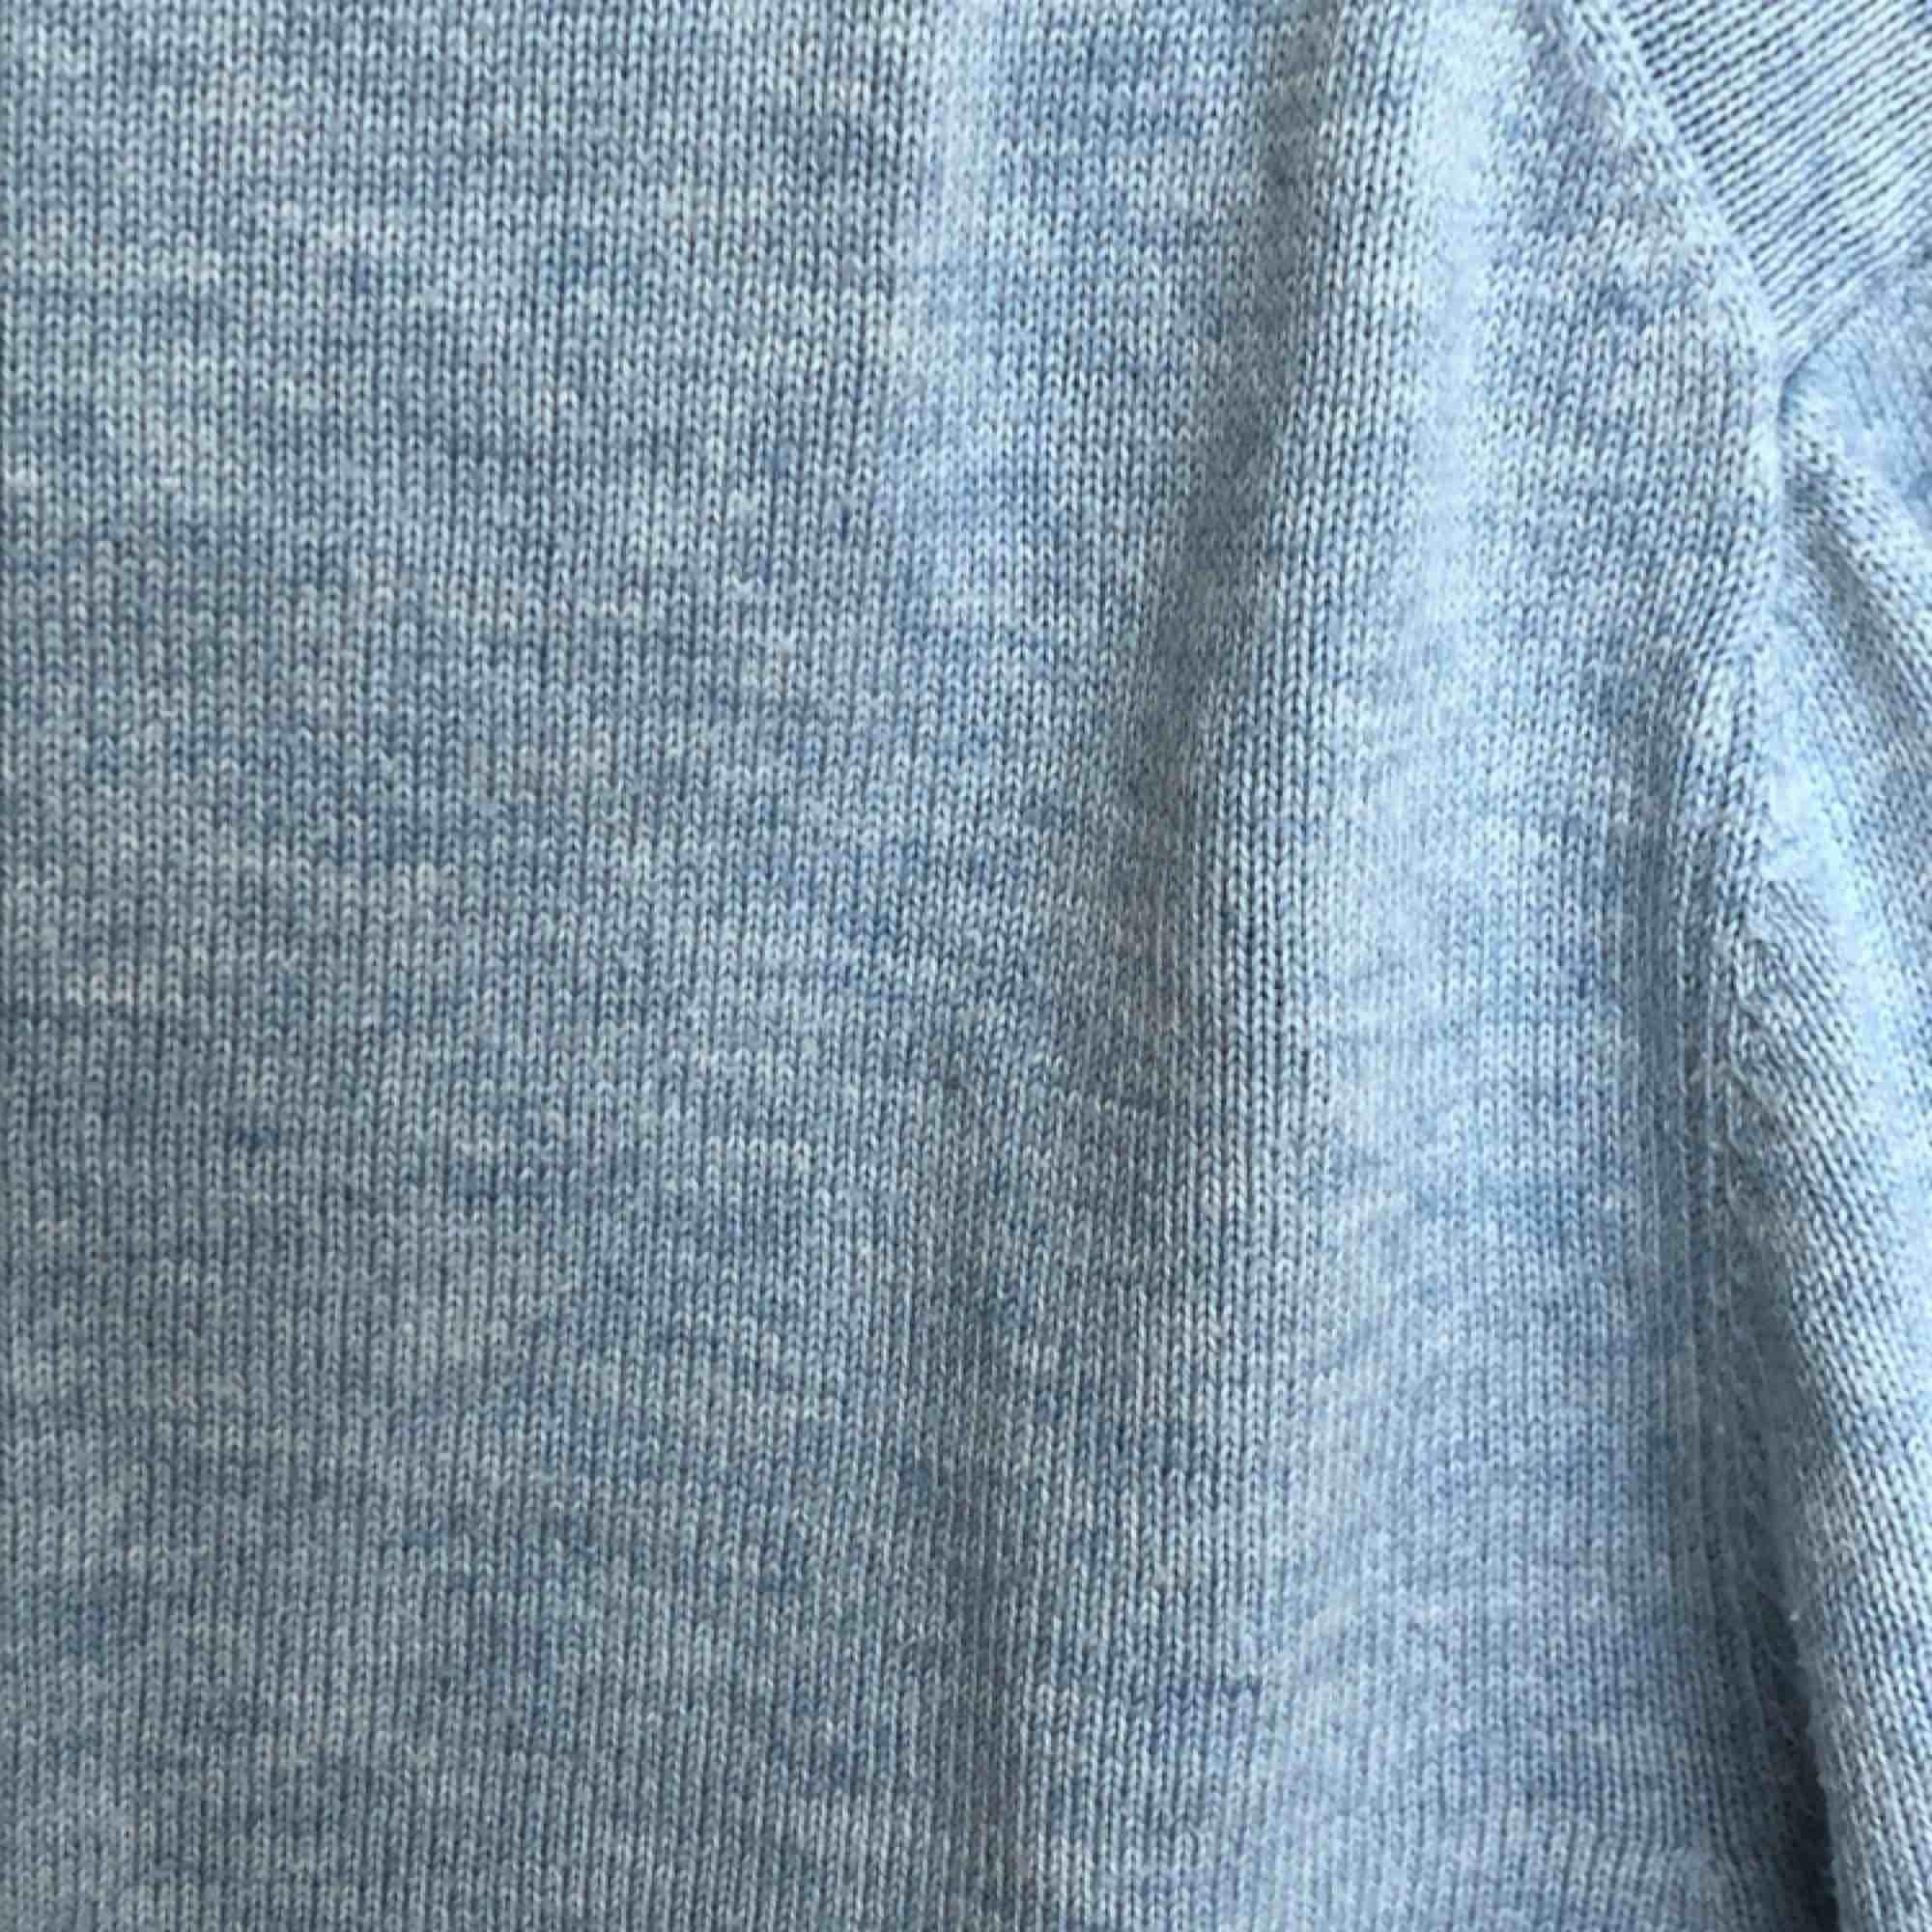 Ett mycket fint plagg i storlek M! Plagget är inköpt secondhand men använts därefter mindre än fem ggr.  Mycket fin färg som inte riktigt kommer ut på första bilden (sen andra och tredje). Tunn och behaglig!. Tröjor & Koftor.